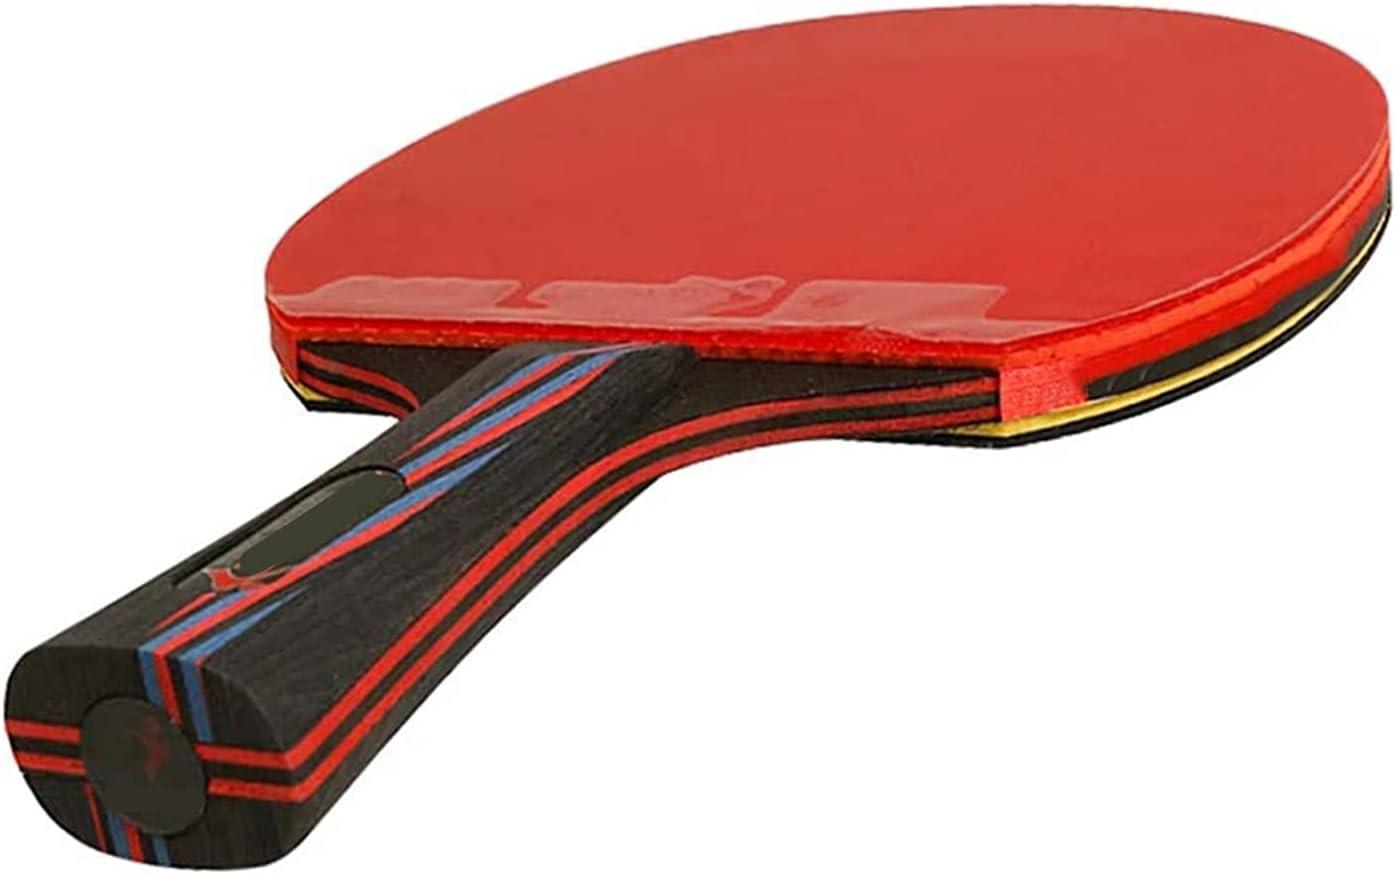 Raqueta De Ping Pong De 6 Estrellas, Nano Carbone Penis Penis Completa DE Tienda DE Tienda DE Entrenamiento con Competencia DE MORDO con ITTF Caucho Aprobado, Principiante Ping Pong, Raqueta,Penhold